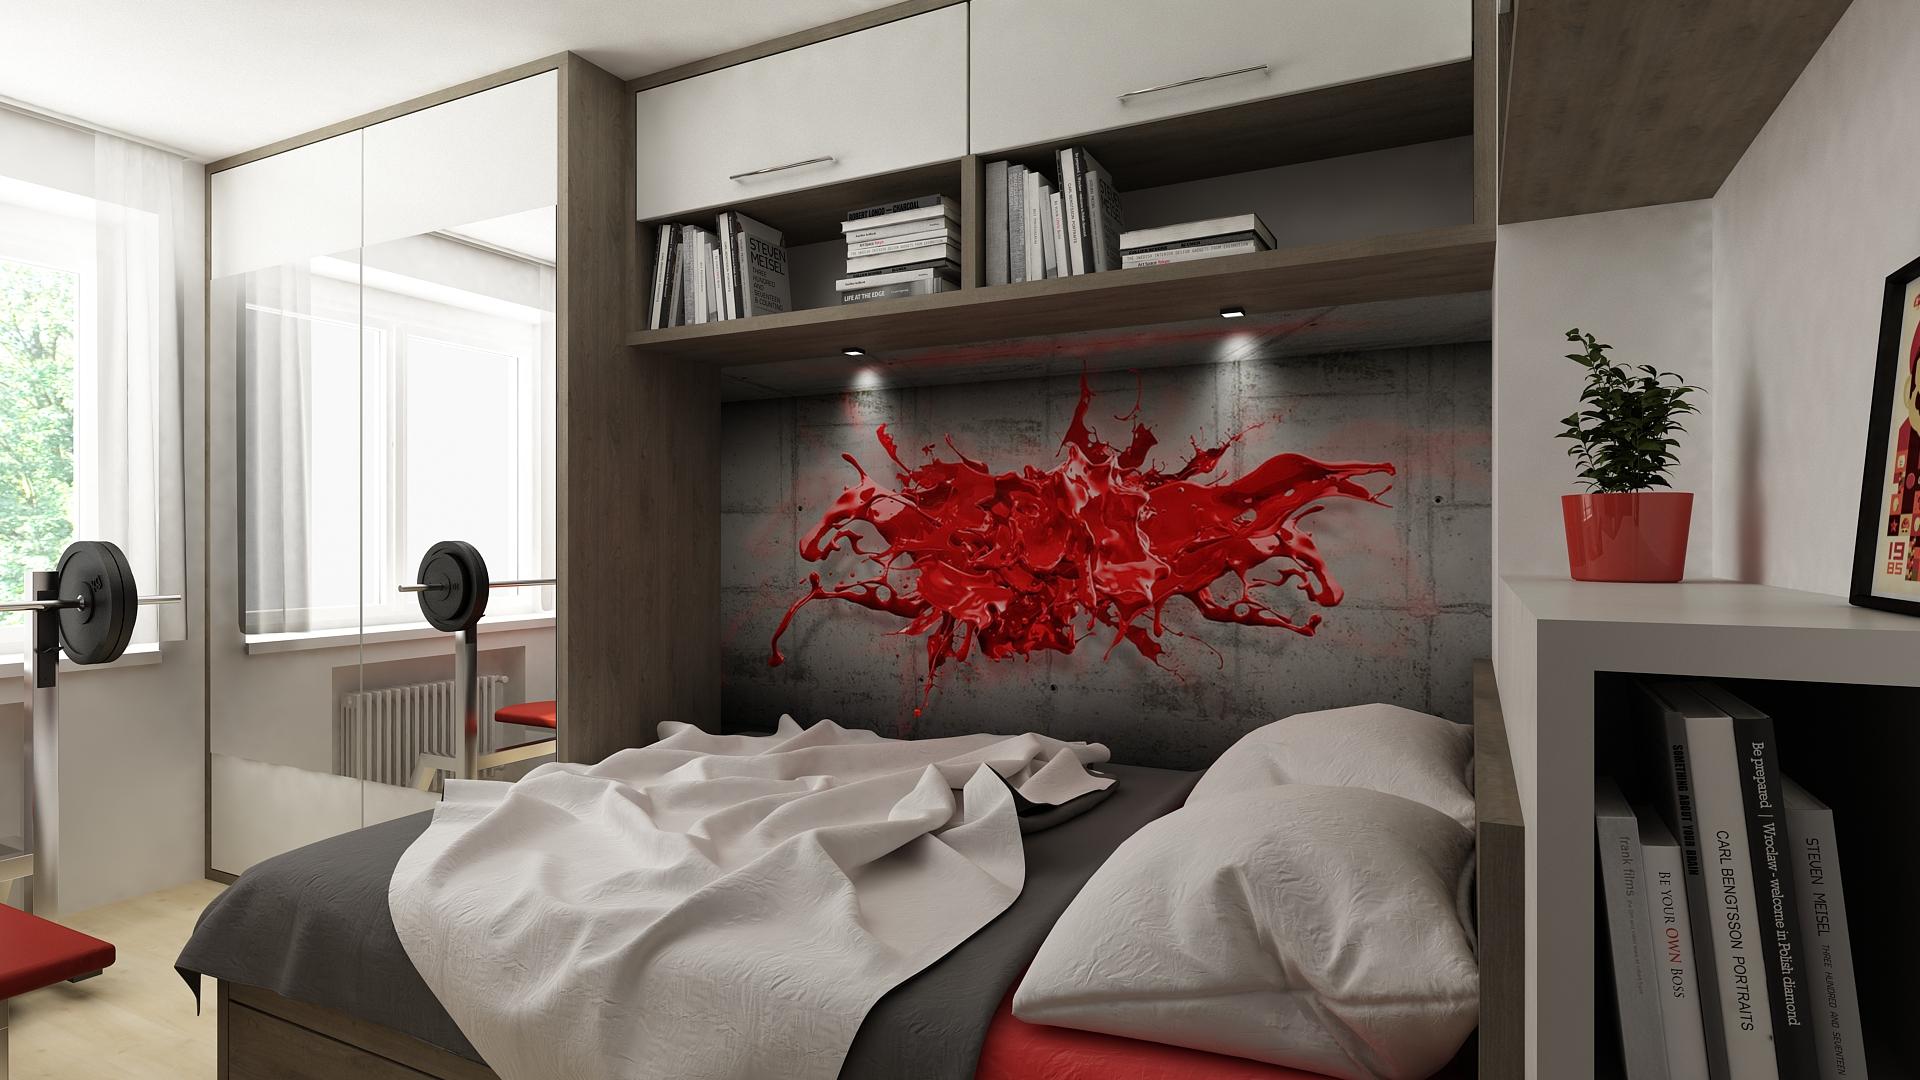 03 - studentský pokoj 3D tapeta.jpg - Hana Micková Interiery 760a59bf96